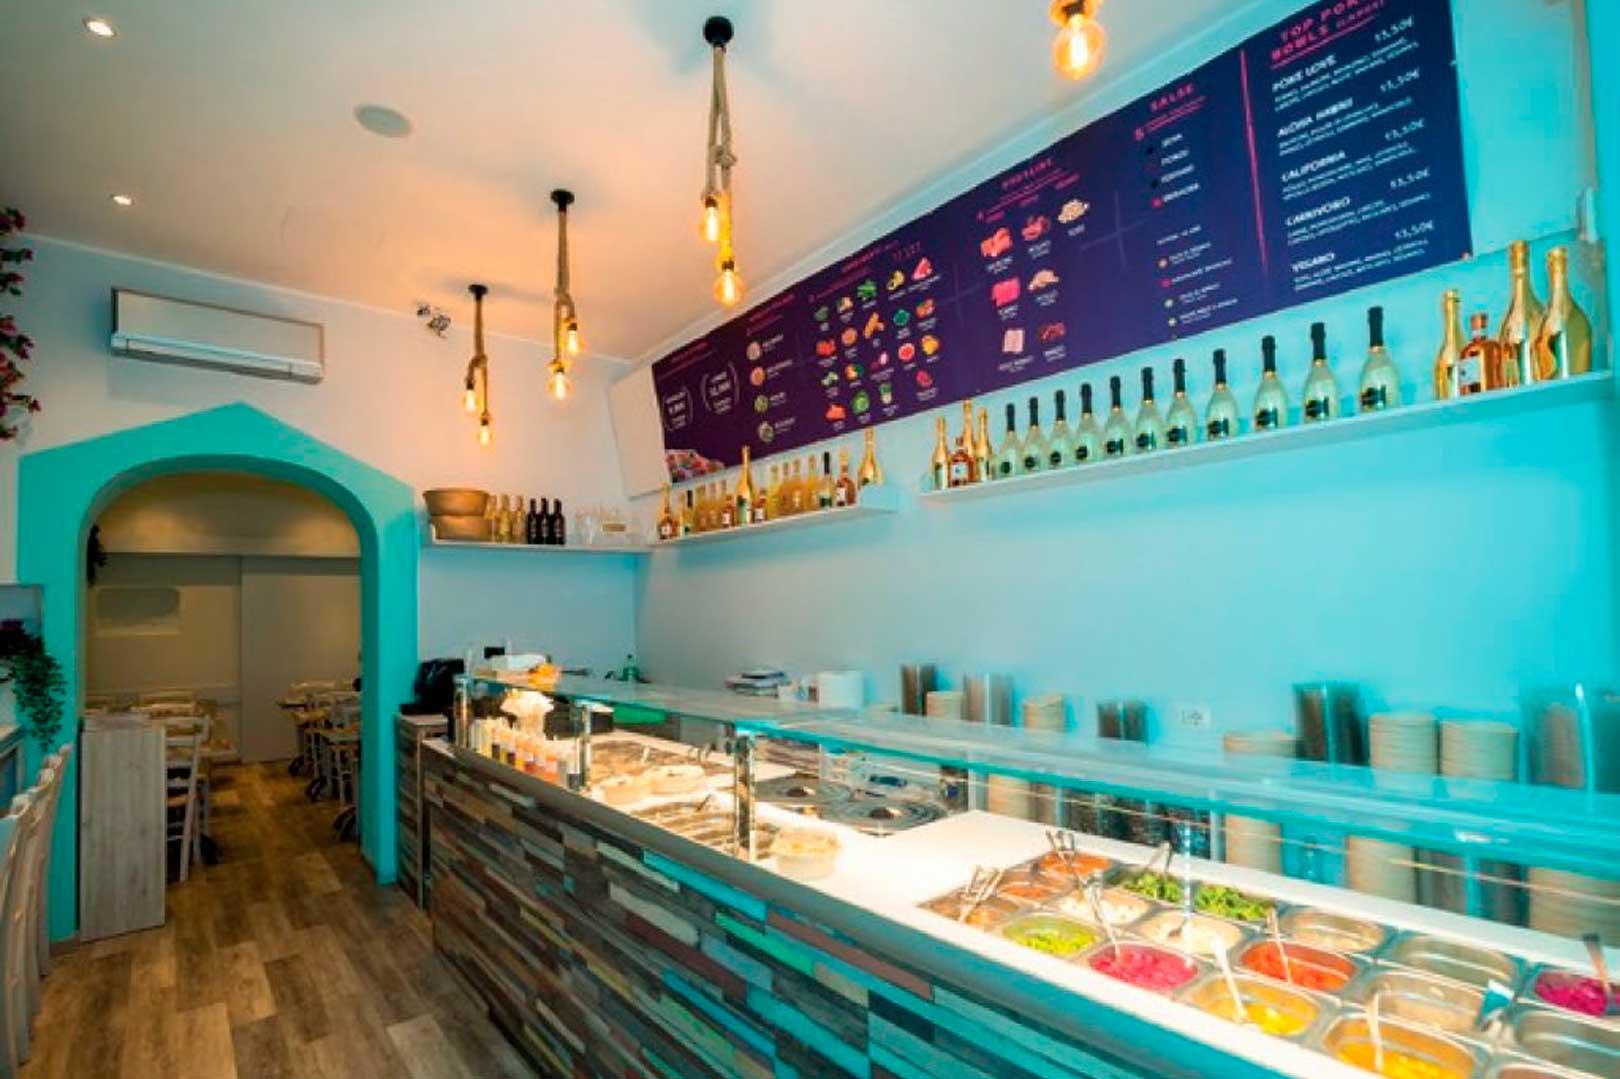 I migliori pokè bar di Milano